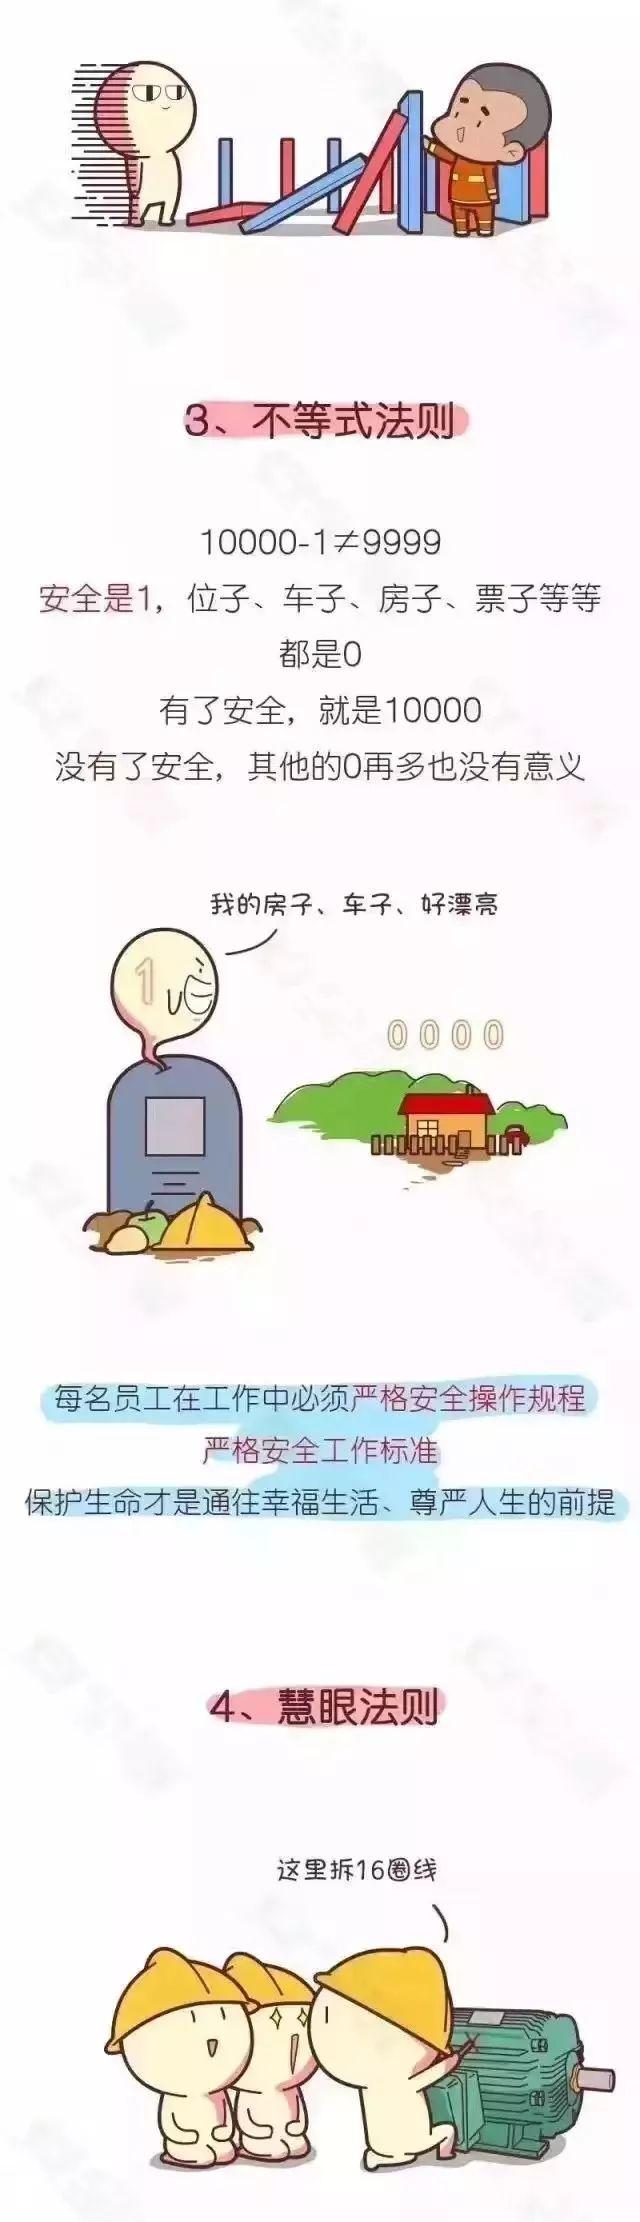 安全生产10大法则_3